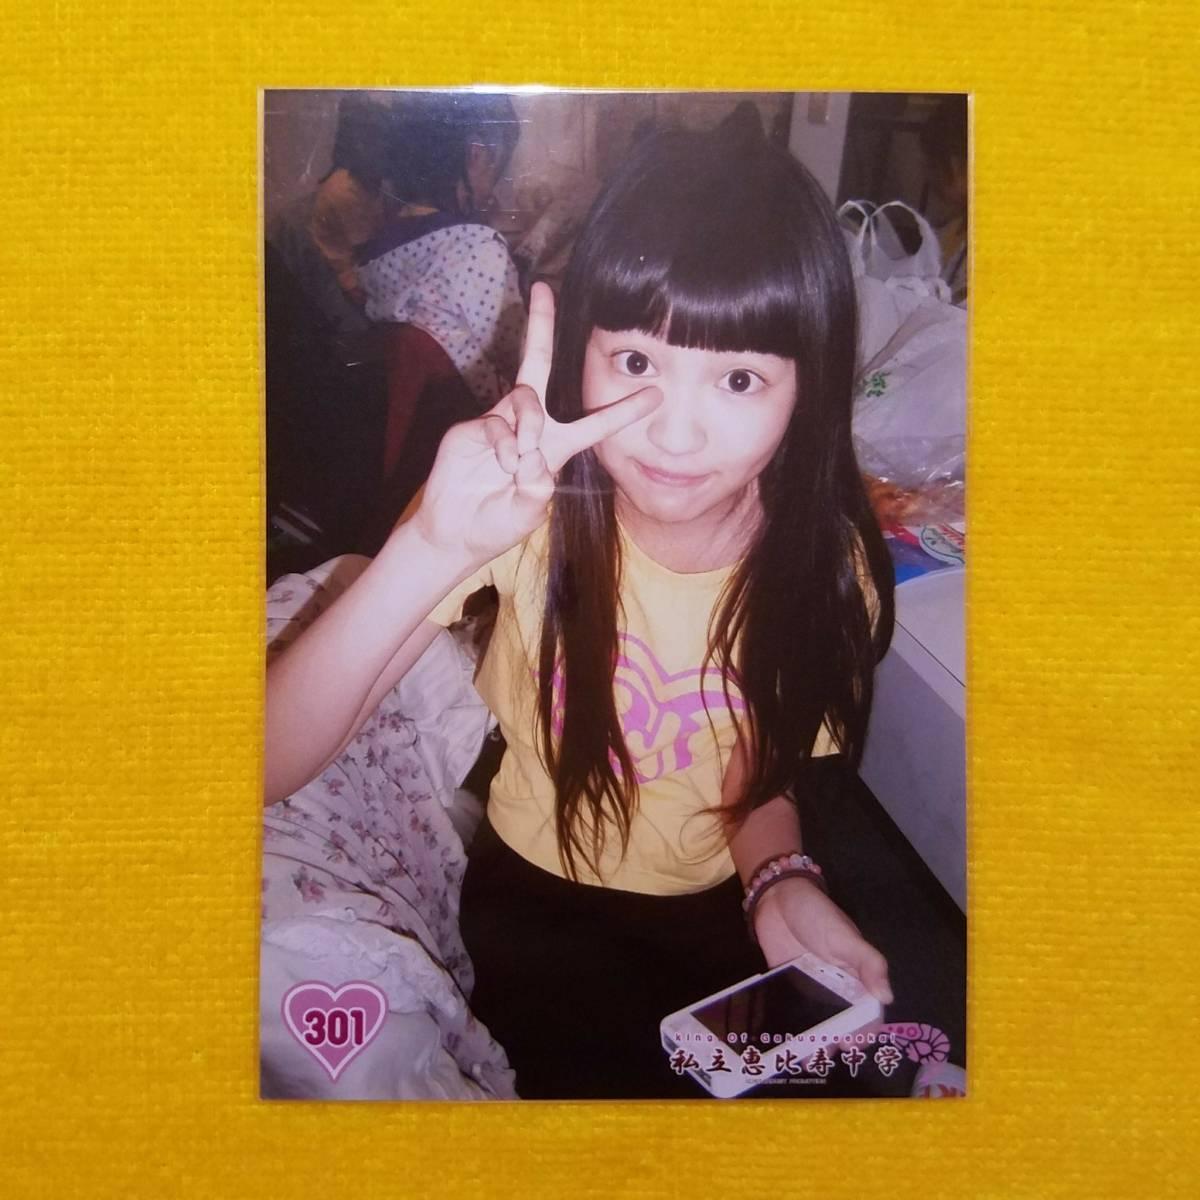 私立恵比寿中学 エビ中 柏木ひなた 301 生写真 ライブグッズの画像